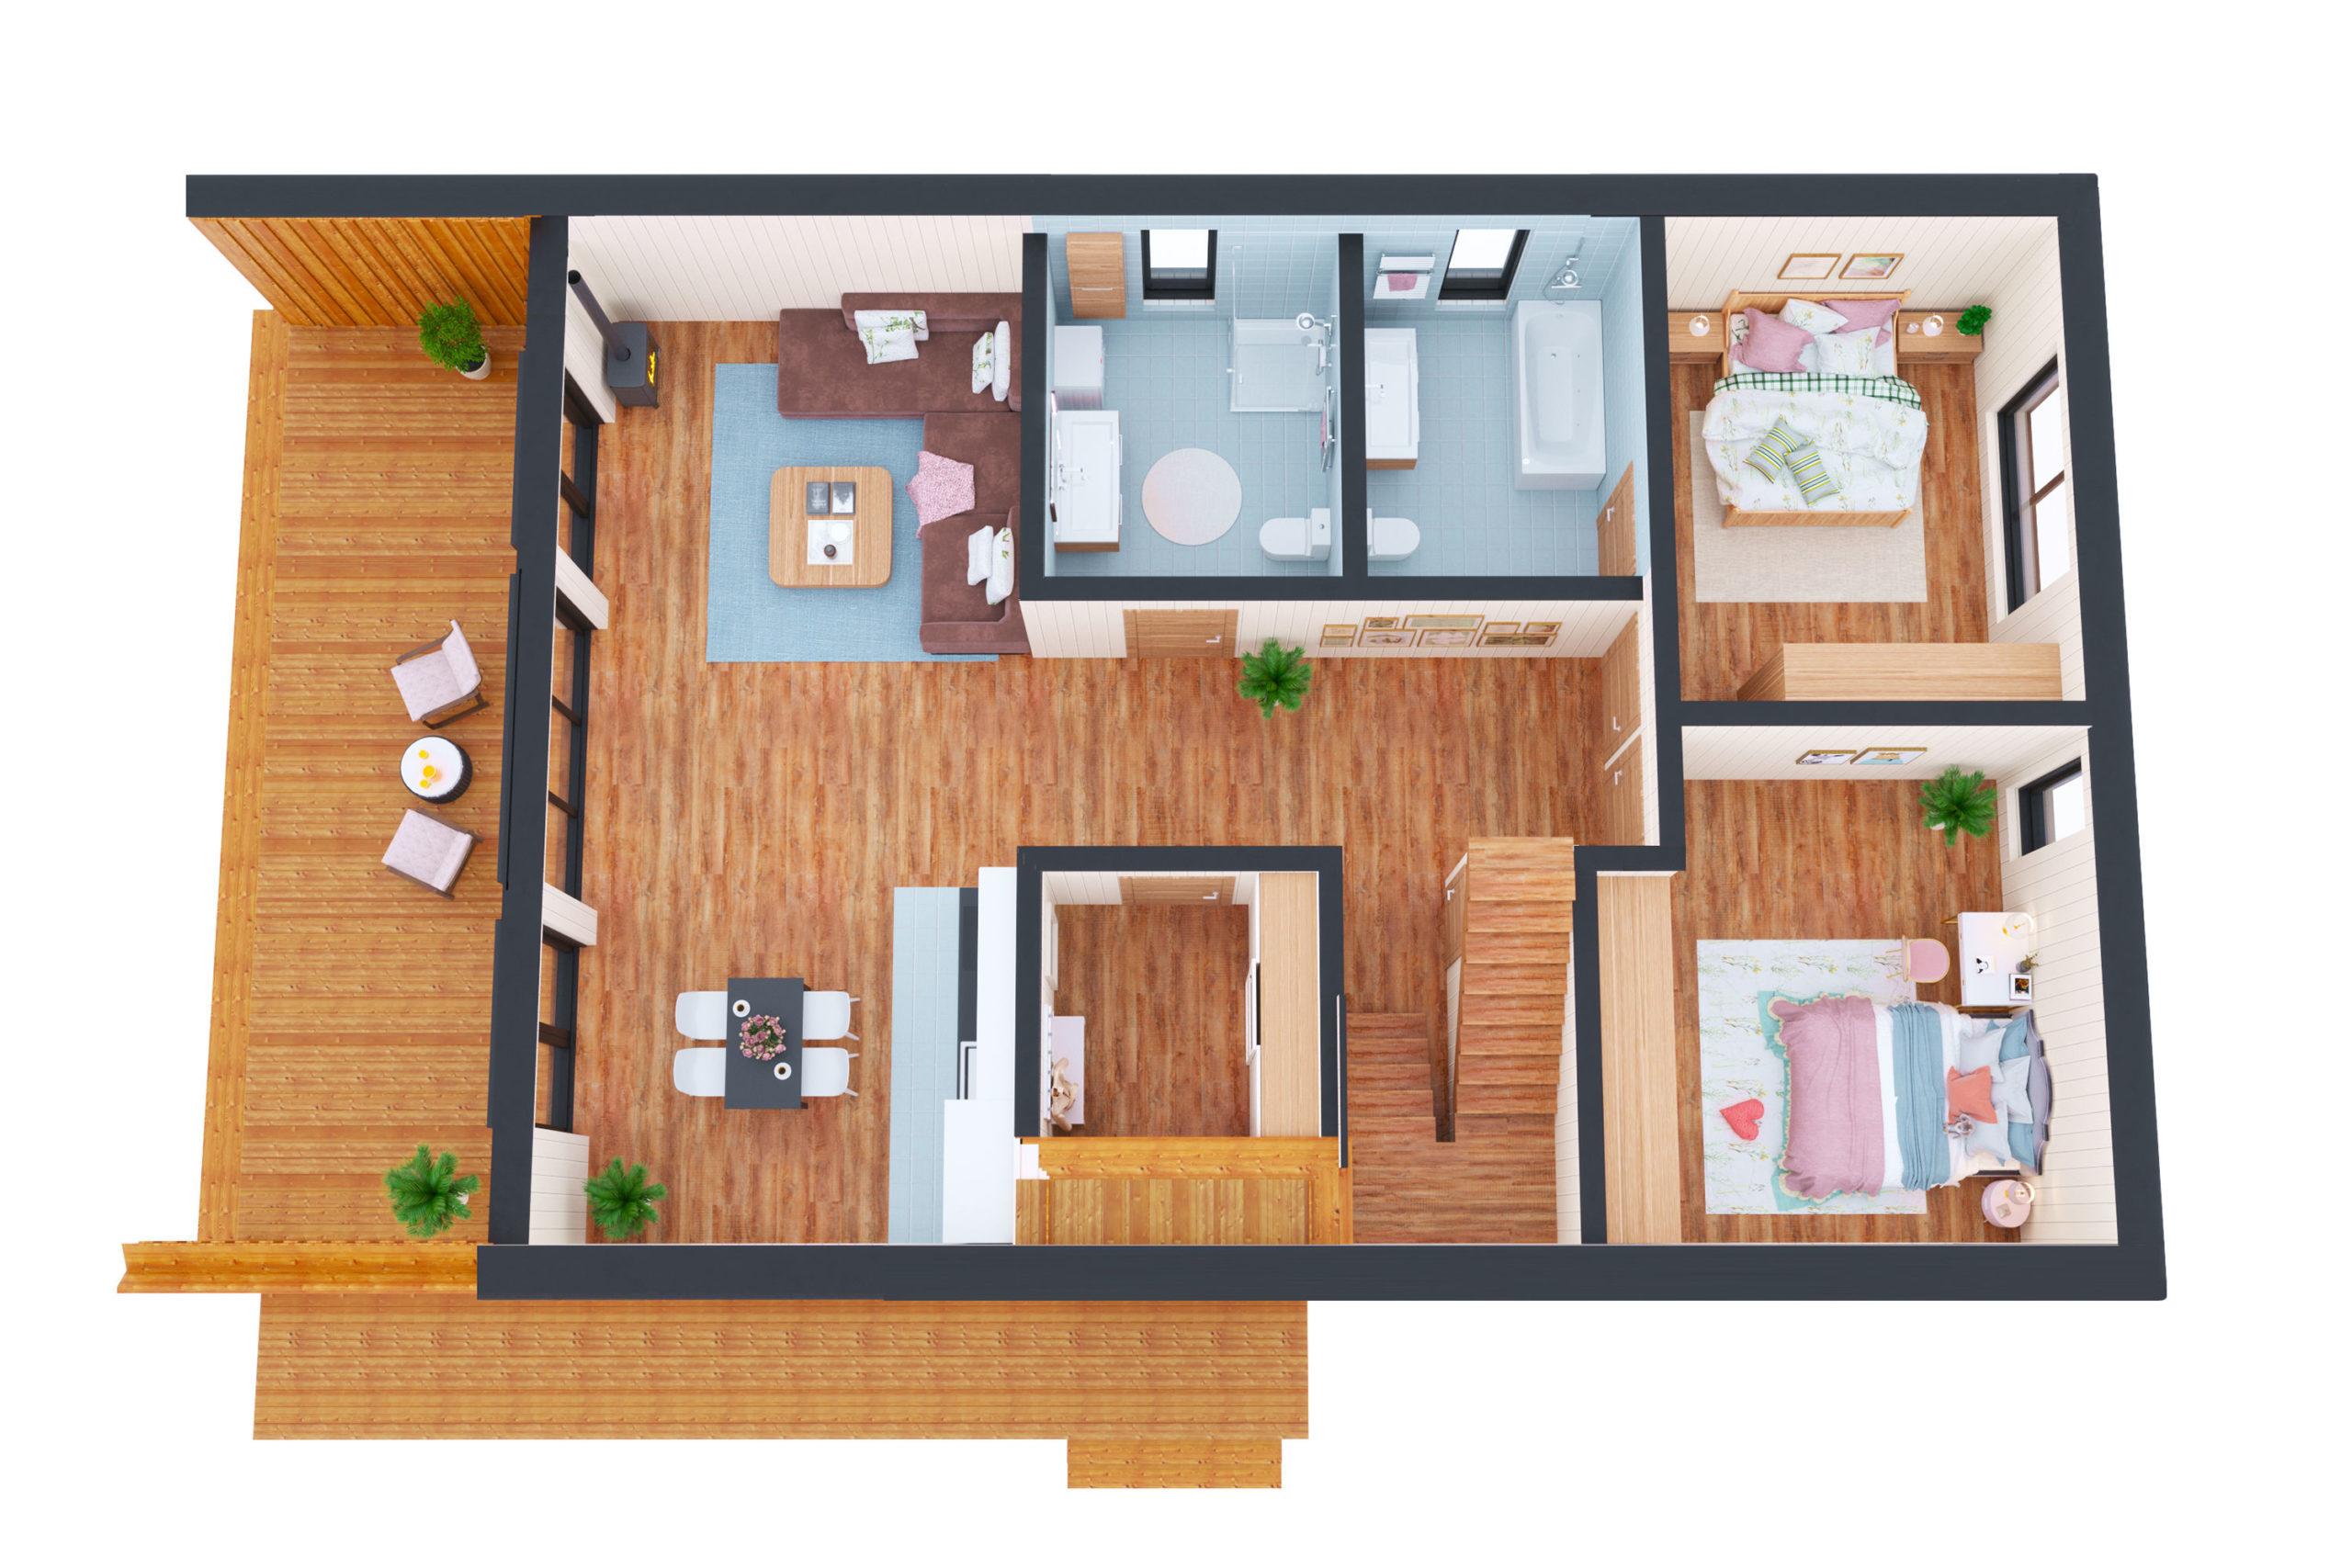 Планировка дома Инголь (Ingol) – фото 1